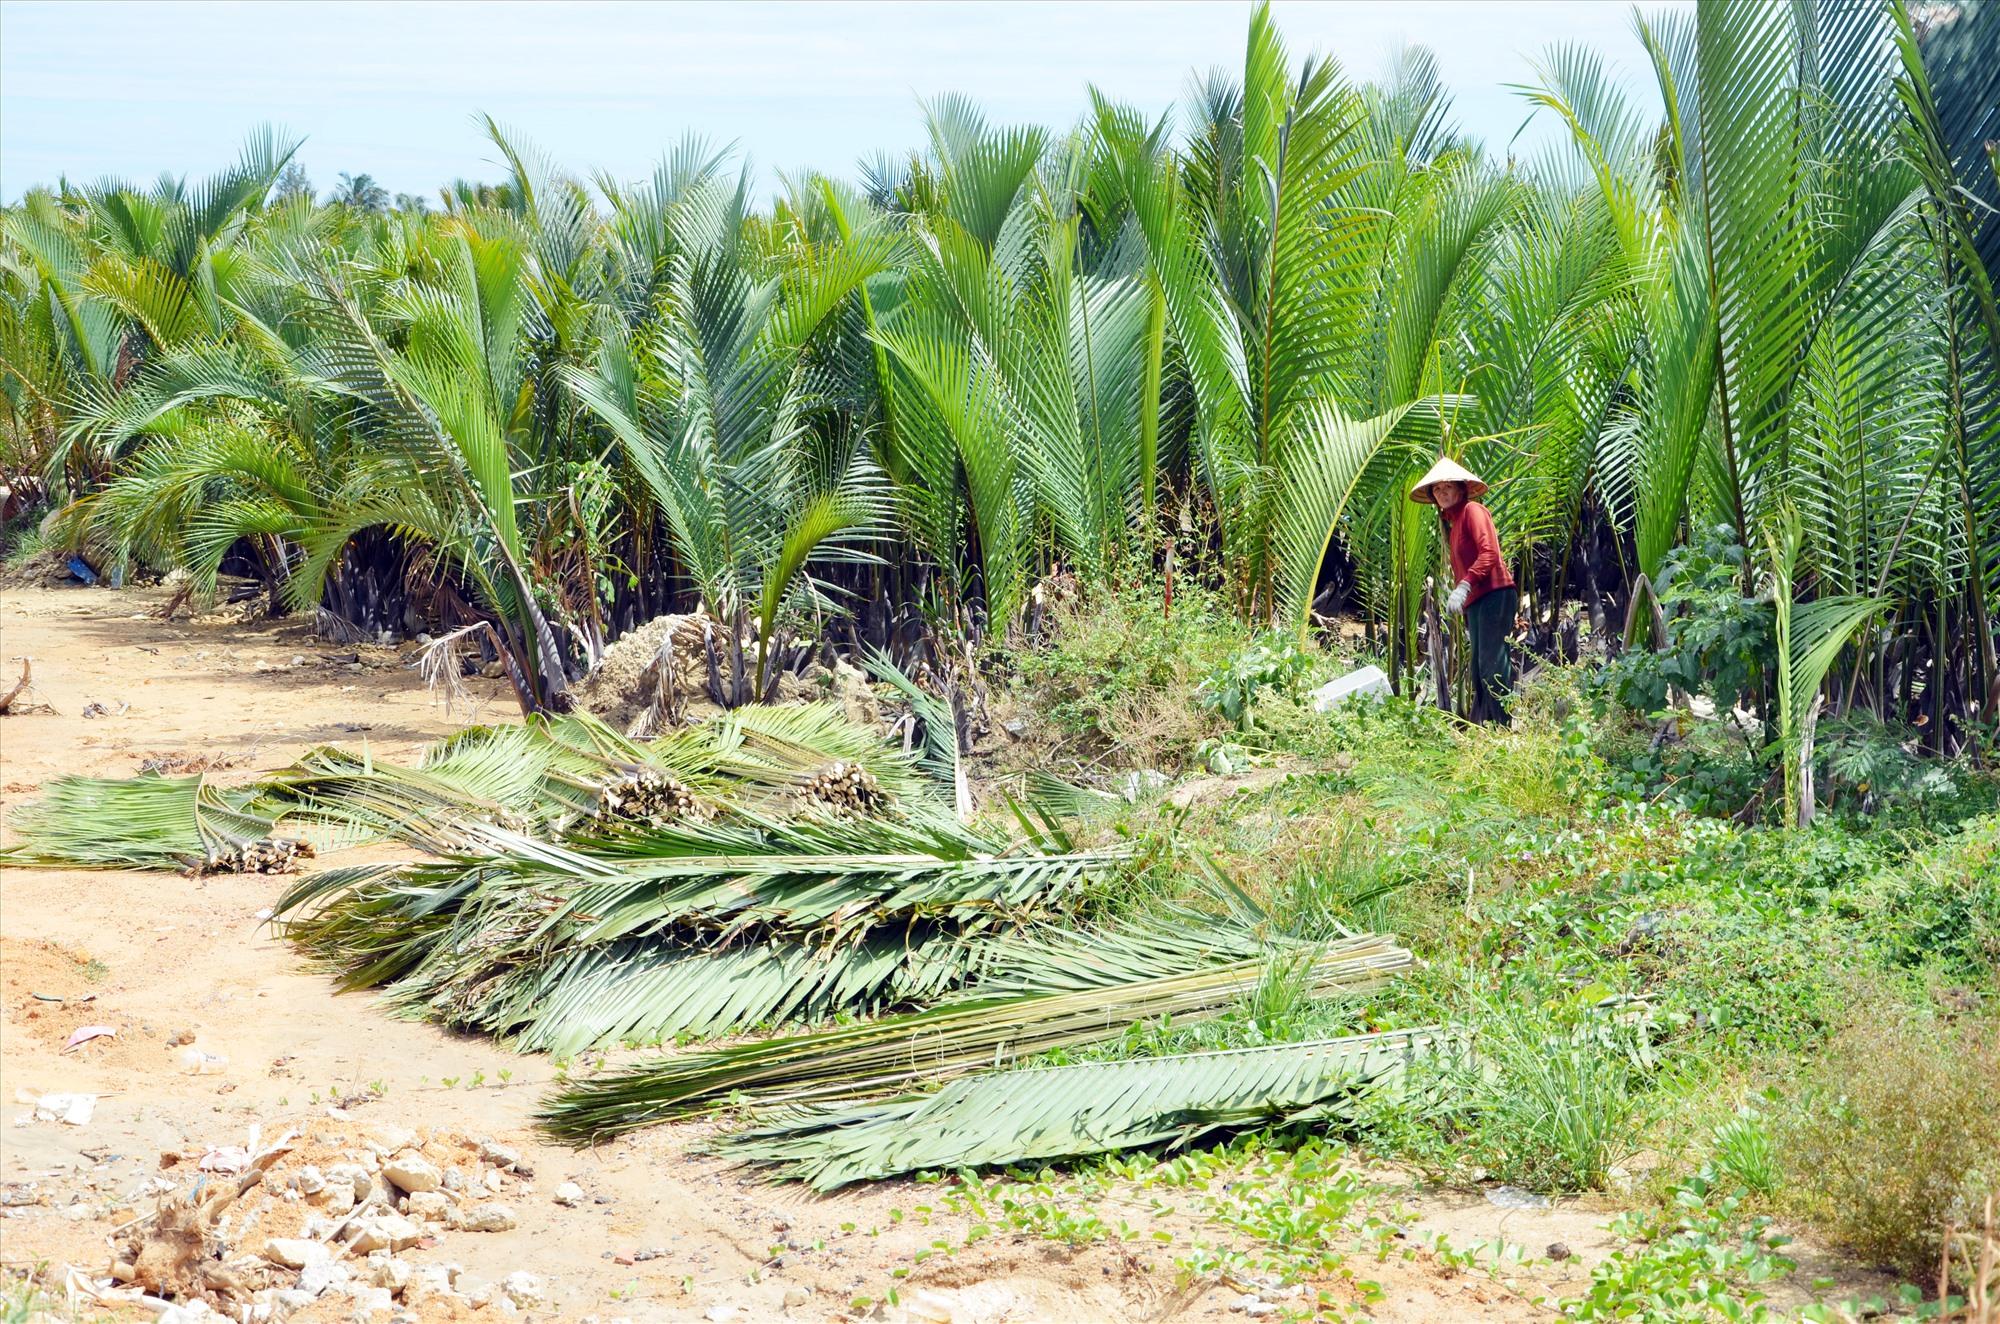 Rừng dừa nước ở xã Cẩm Thanh (Hội An) ngoài chống biến đổi khí hậu hiệu quả còn cải thiện sinh kế bền vững cho người dân địa phương. Ảnh: N.T